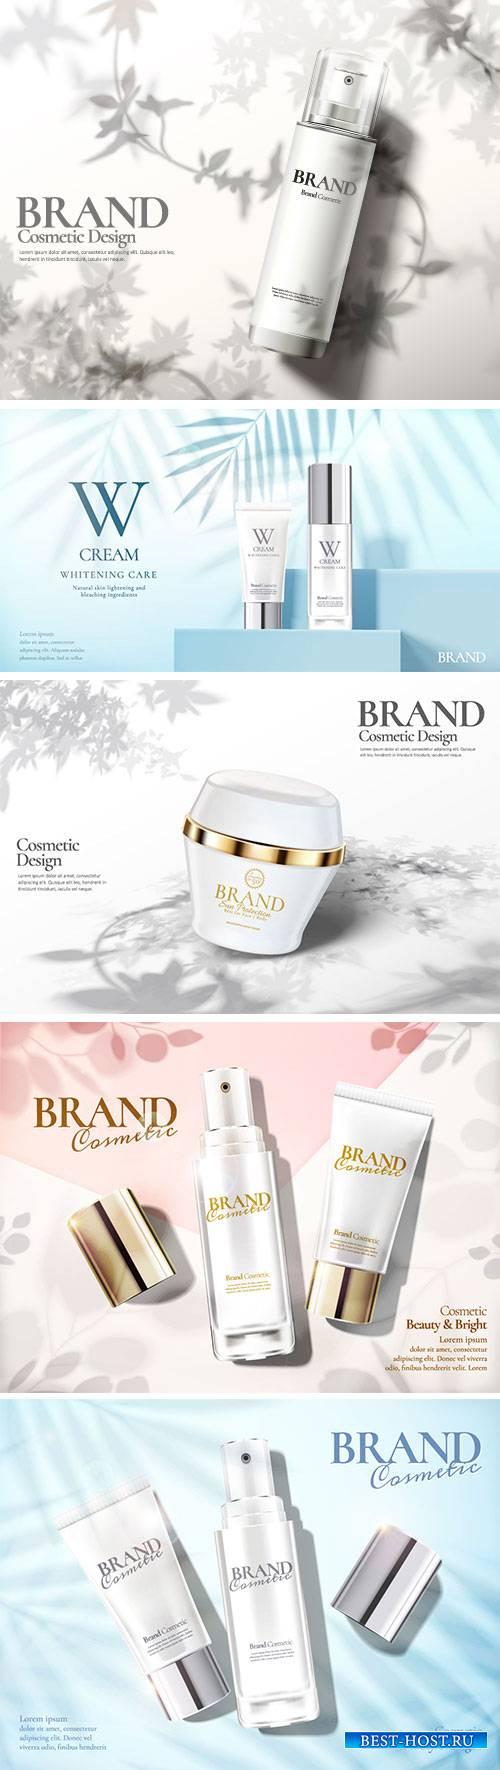 Skin care set ads vector illustration template